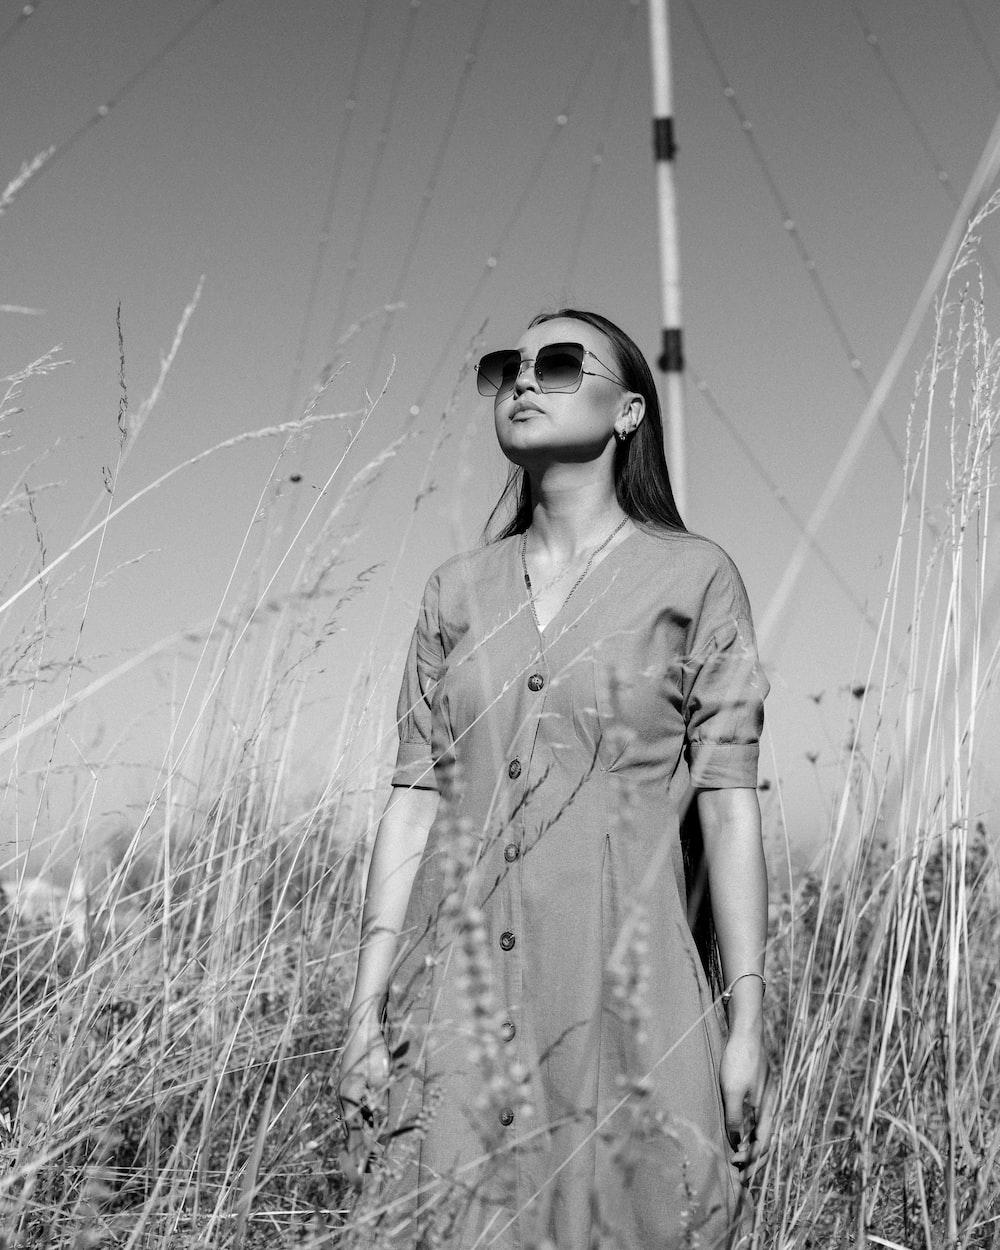 woman standing grass field